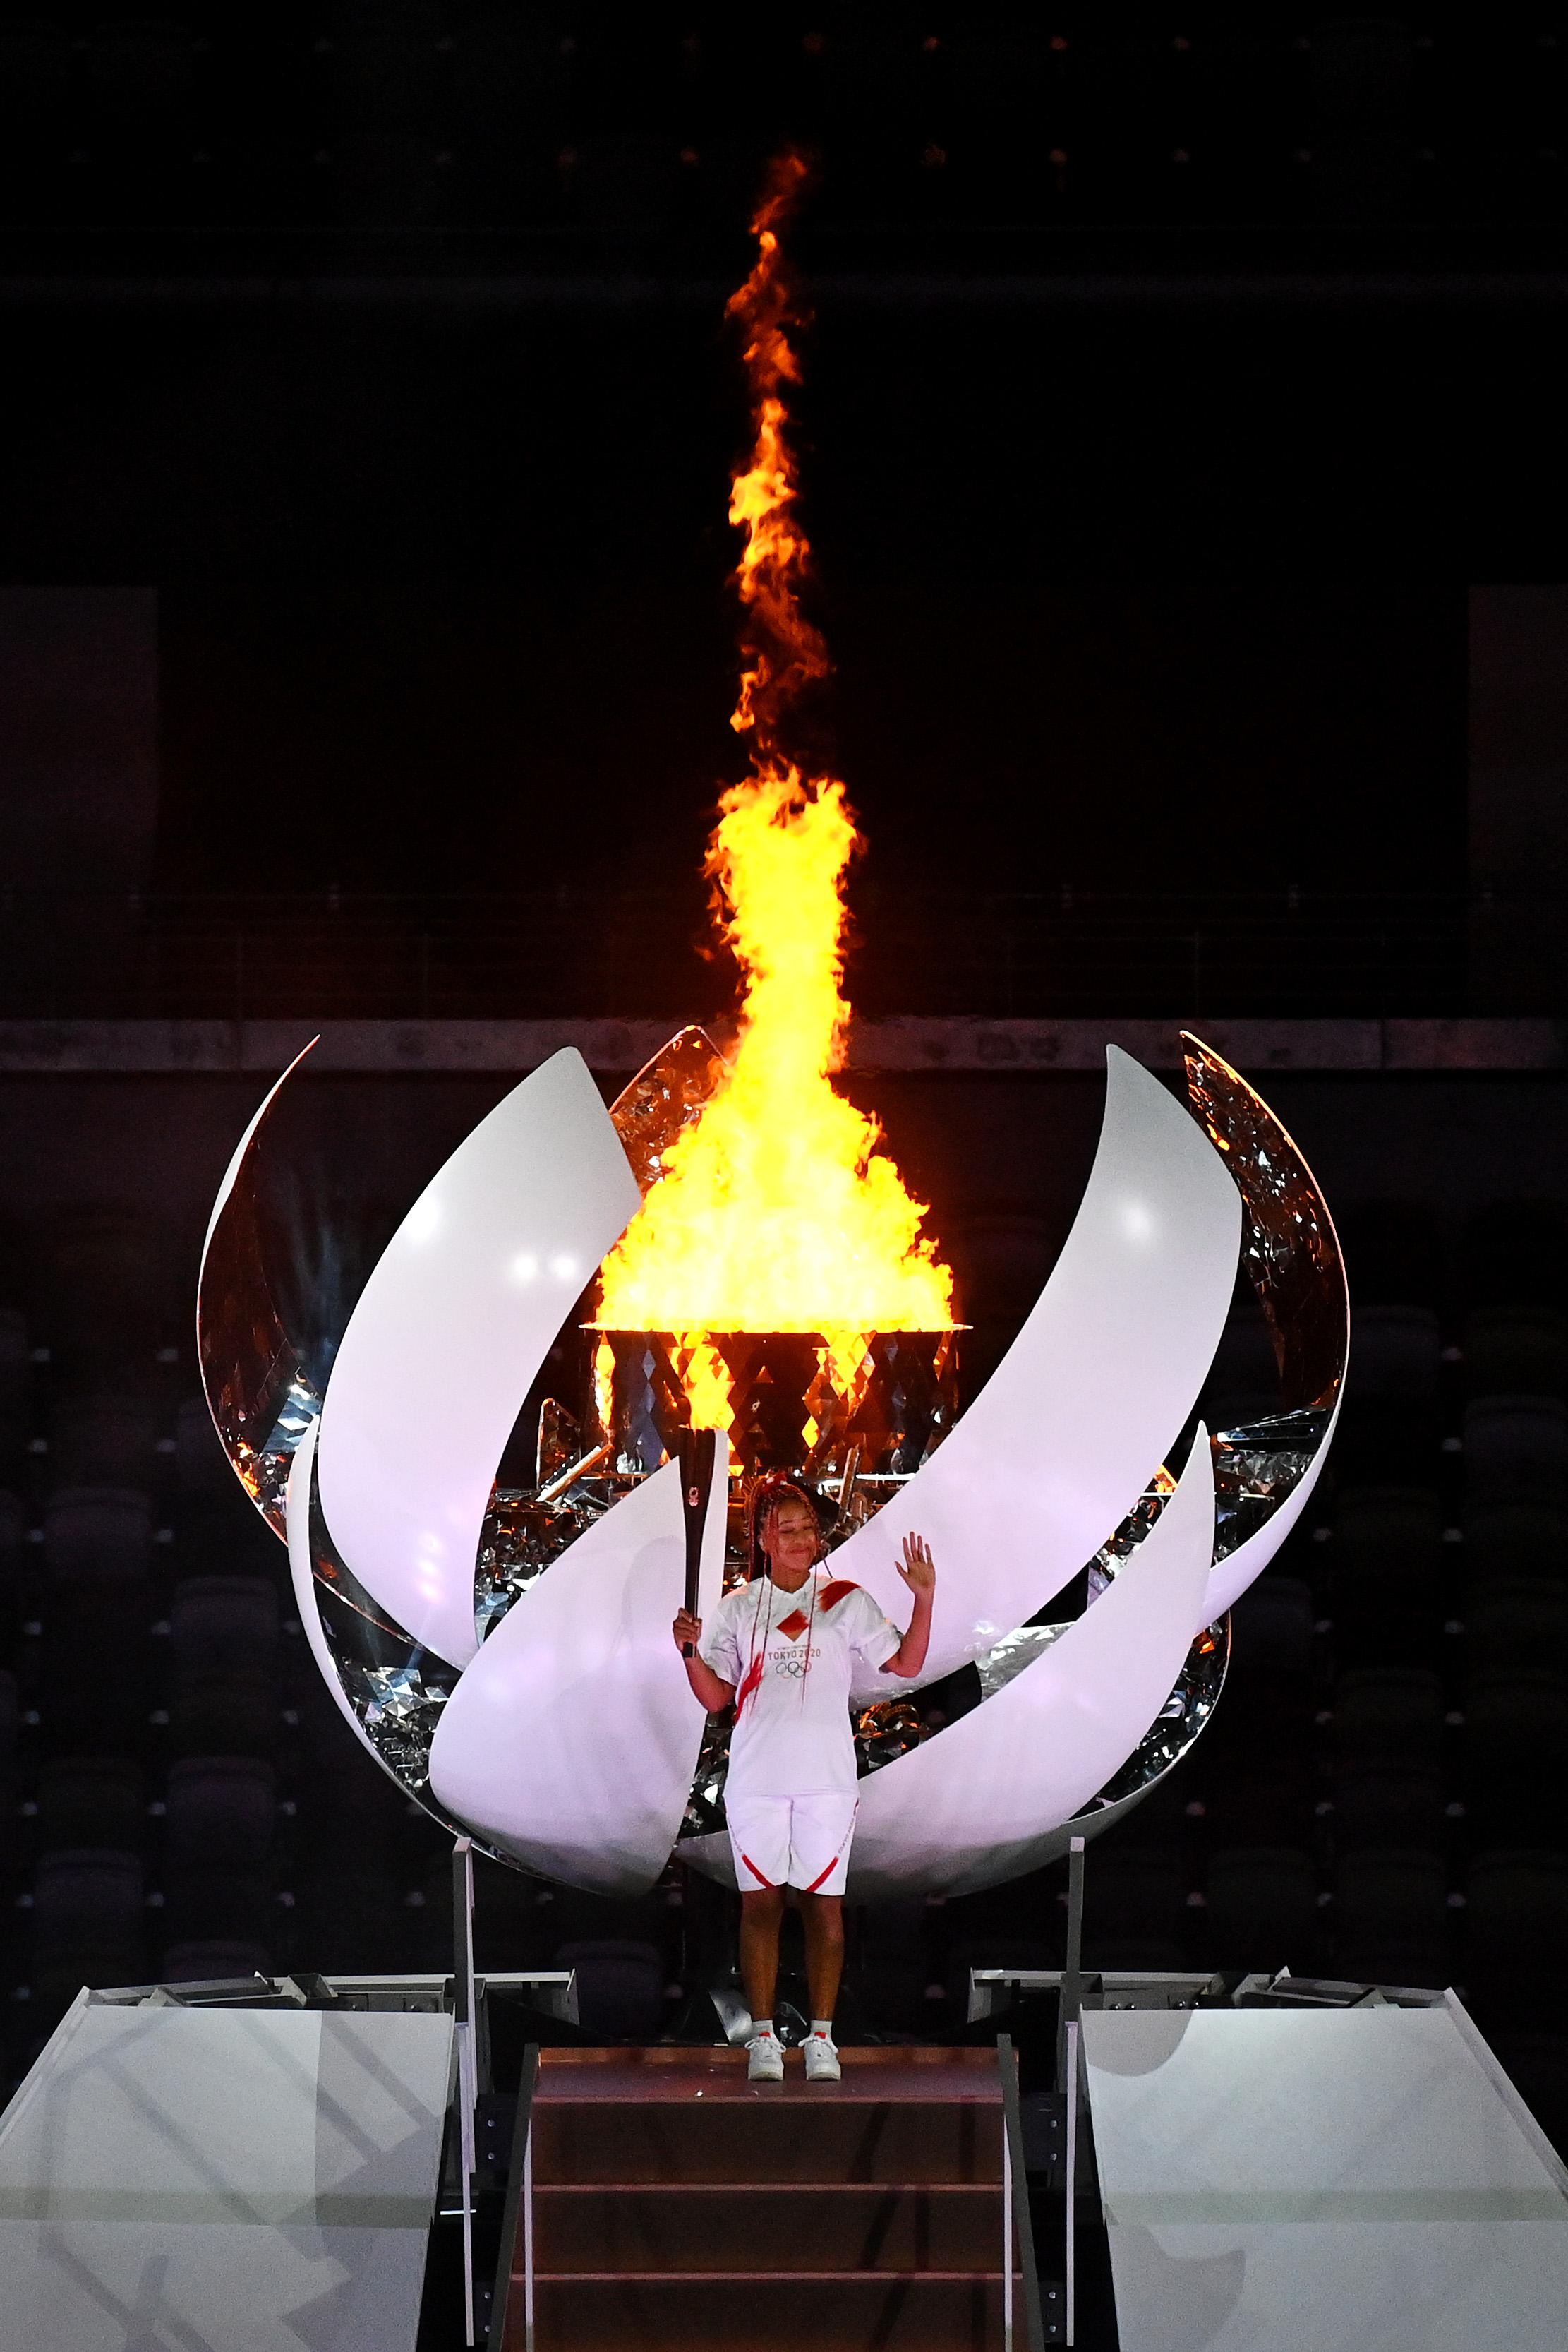 当地时间2021年7月23日,日本东京,2020东京奥运会开幕式。大坂直美点燃奥运会主火炬。